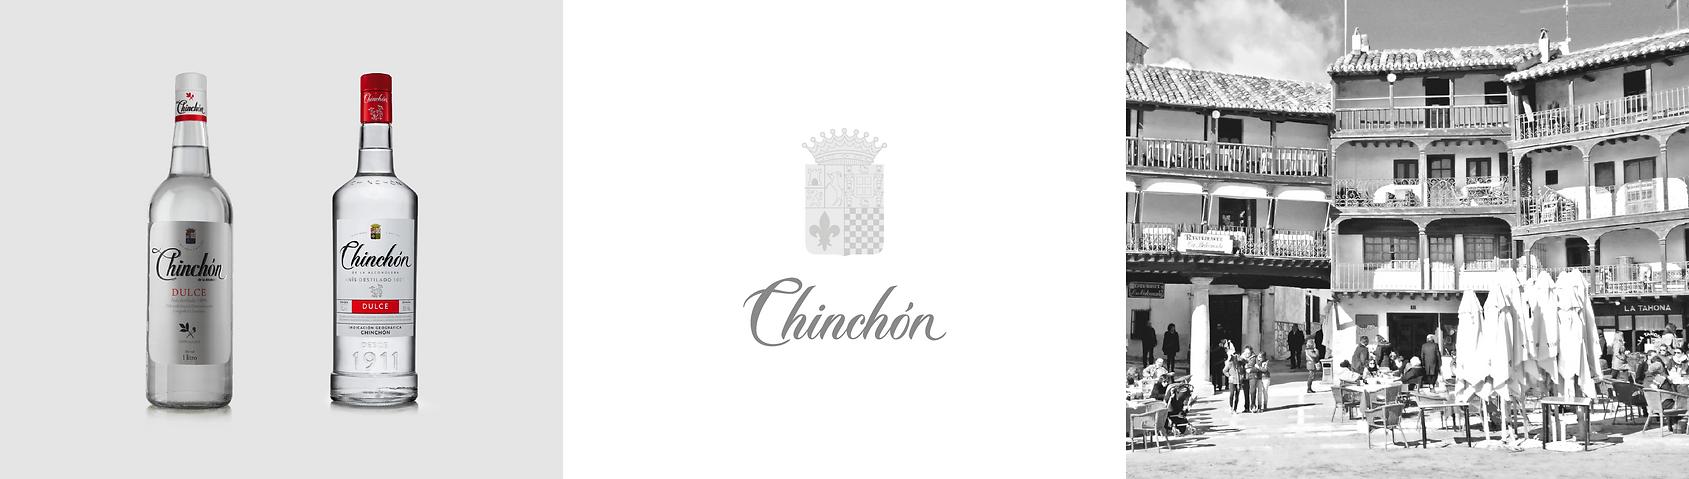 Cabecera Chinchon.png